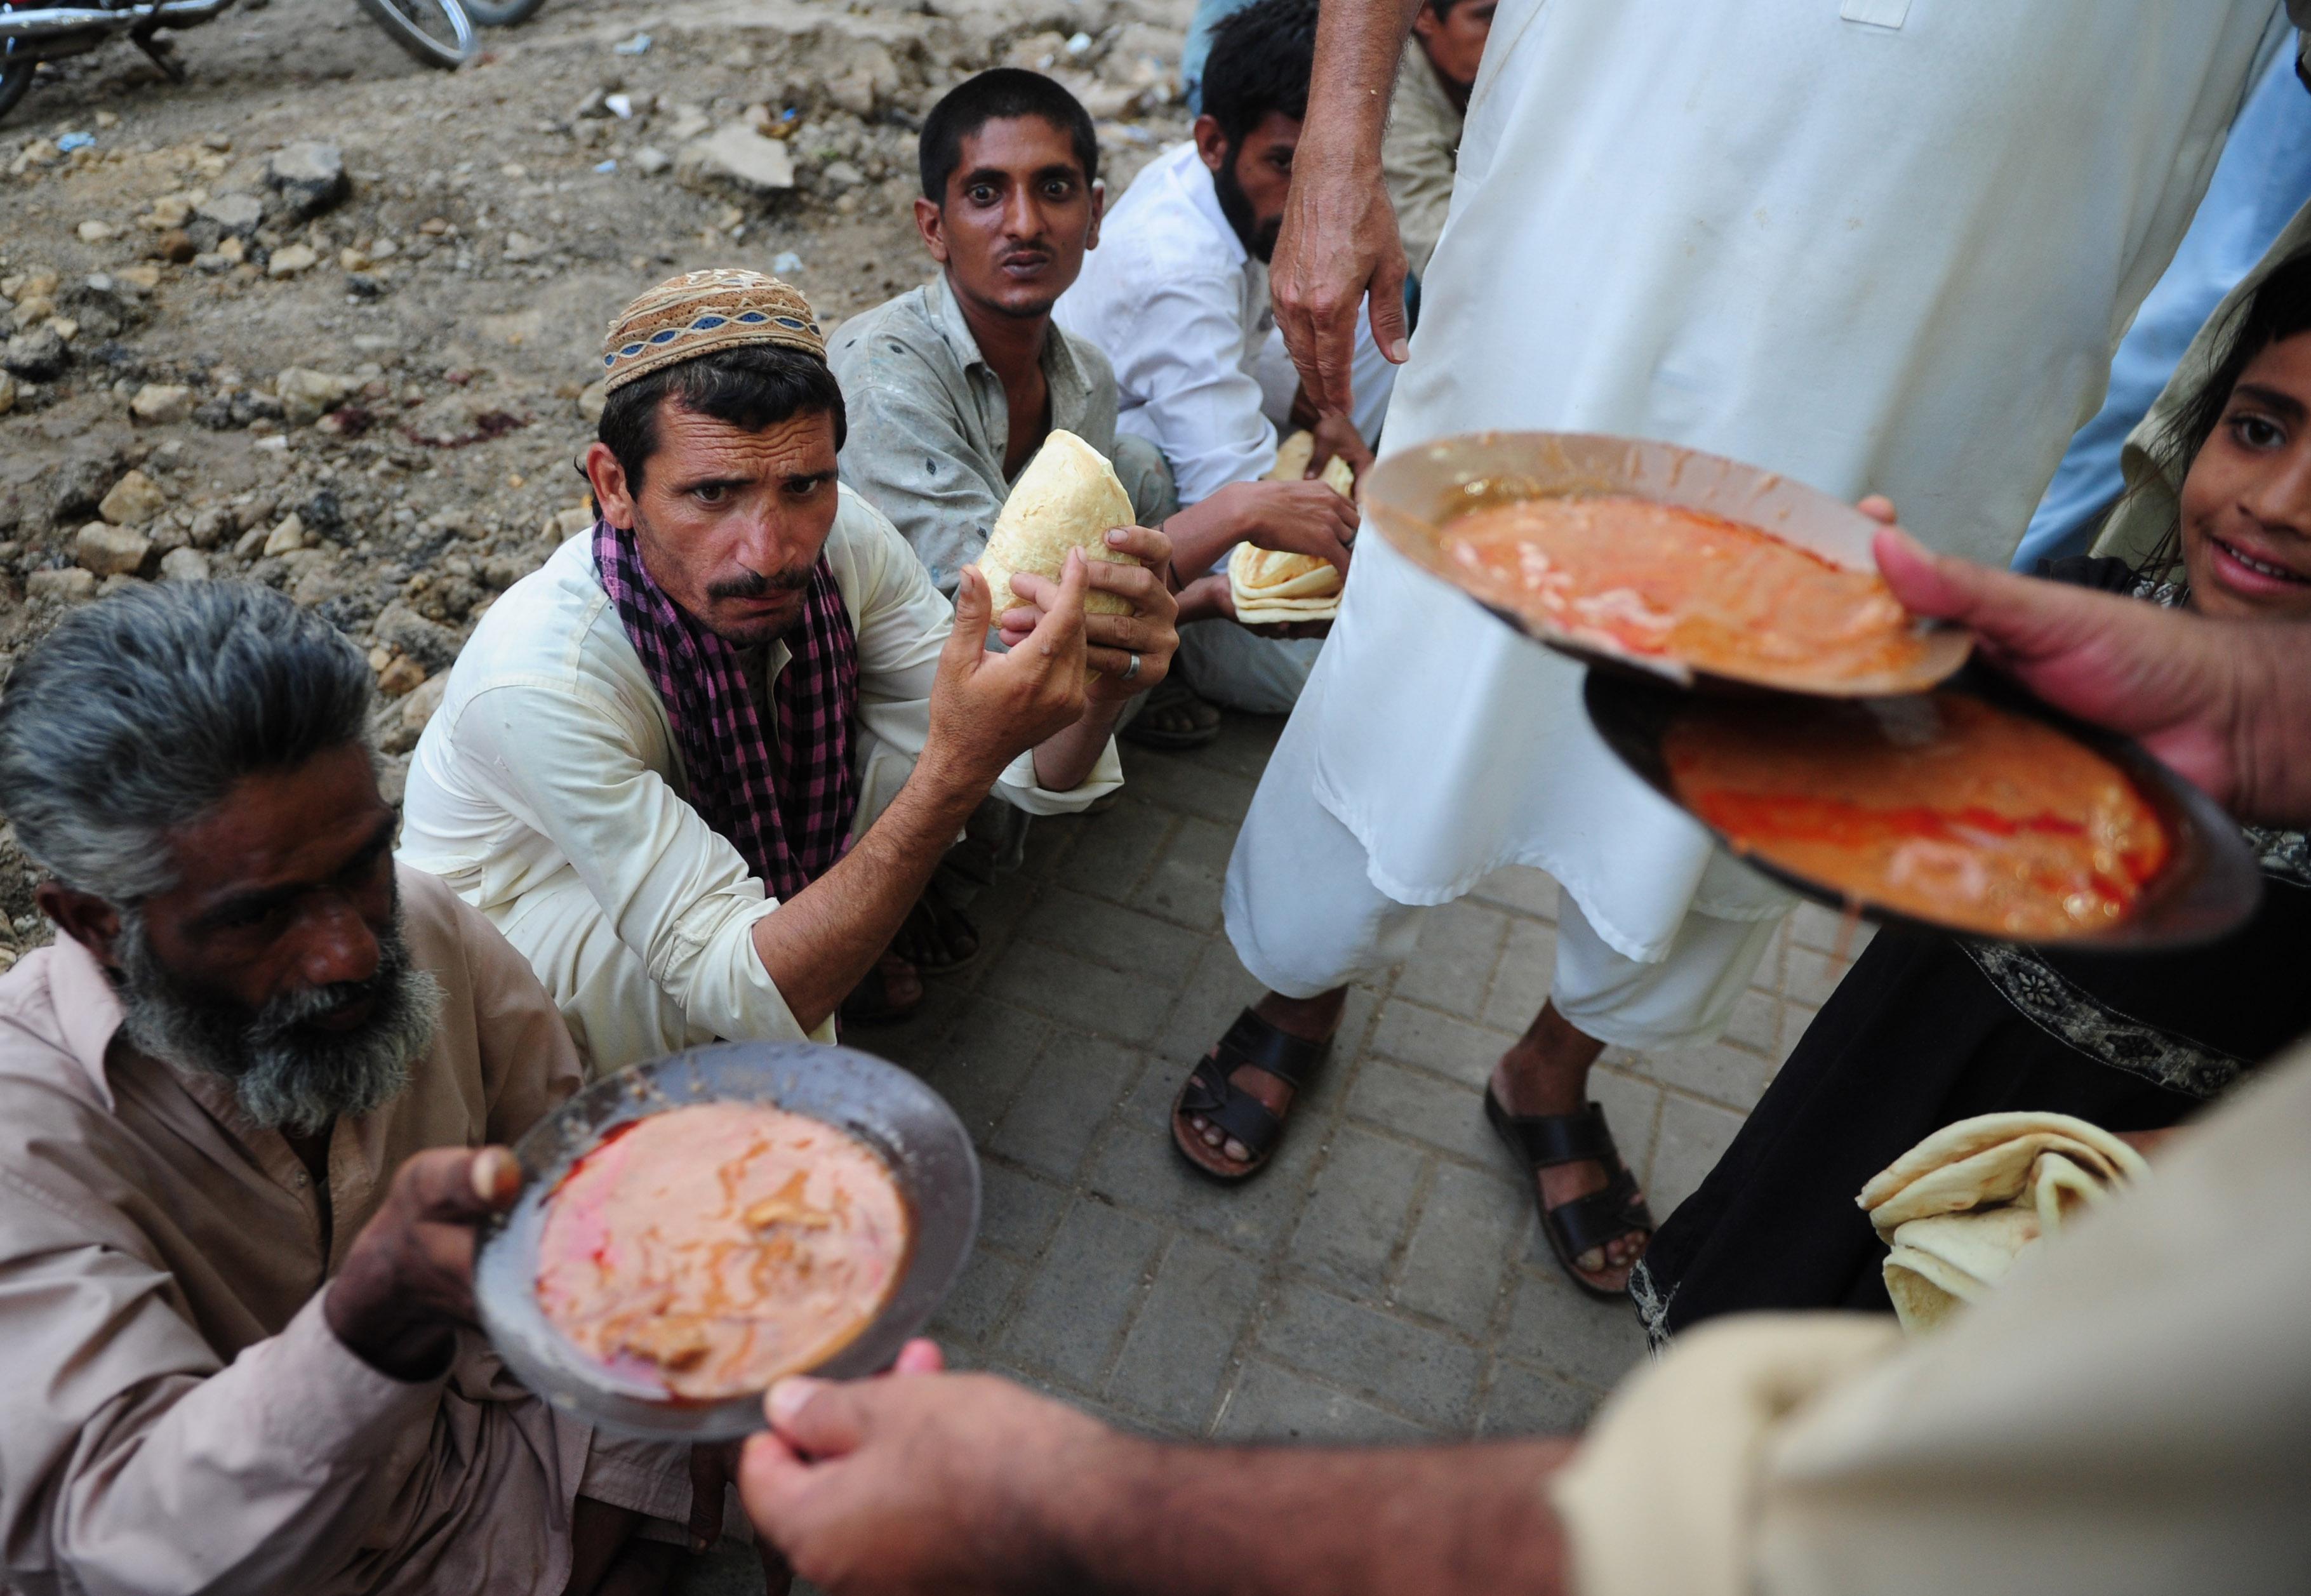 پاکستان کی طرف سے خیرات کے نام پر بھتے کے خلاف تنبیہ